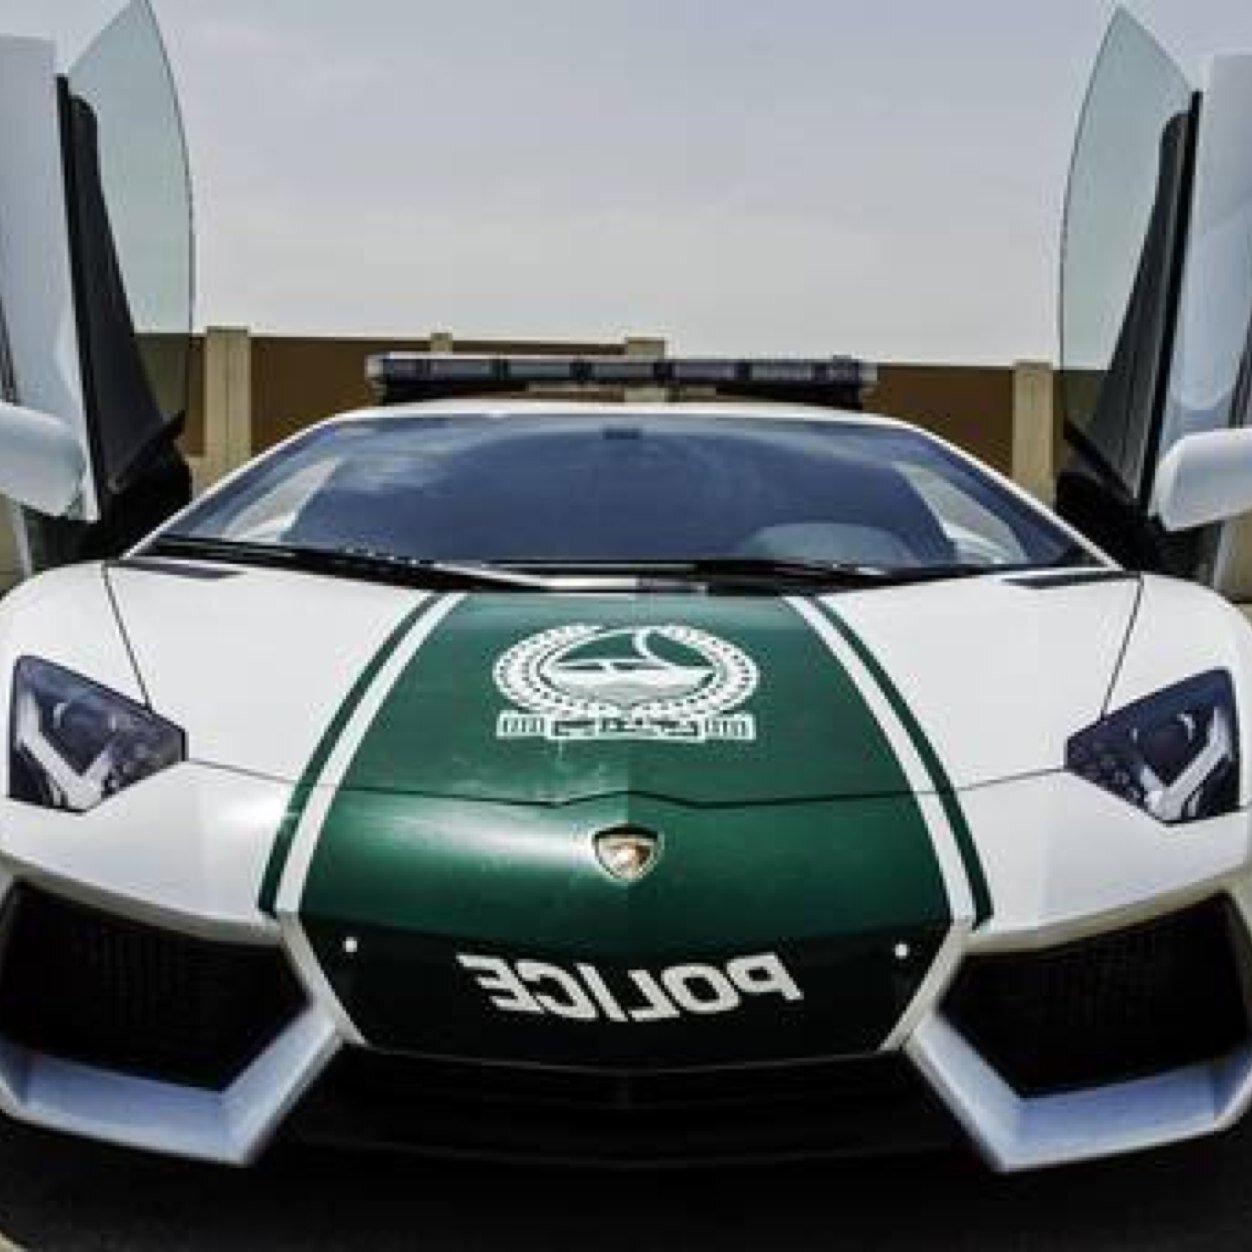 Dubai Police Cars (@CarsDP)